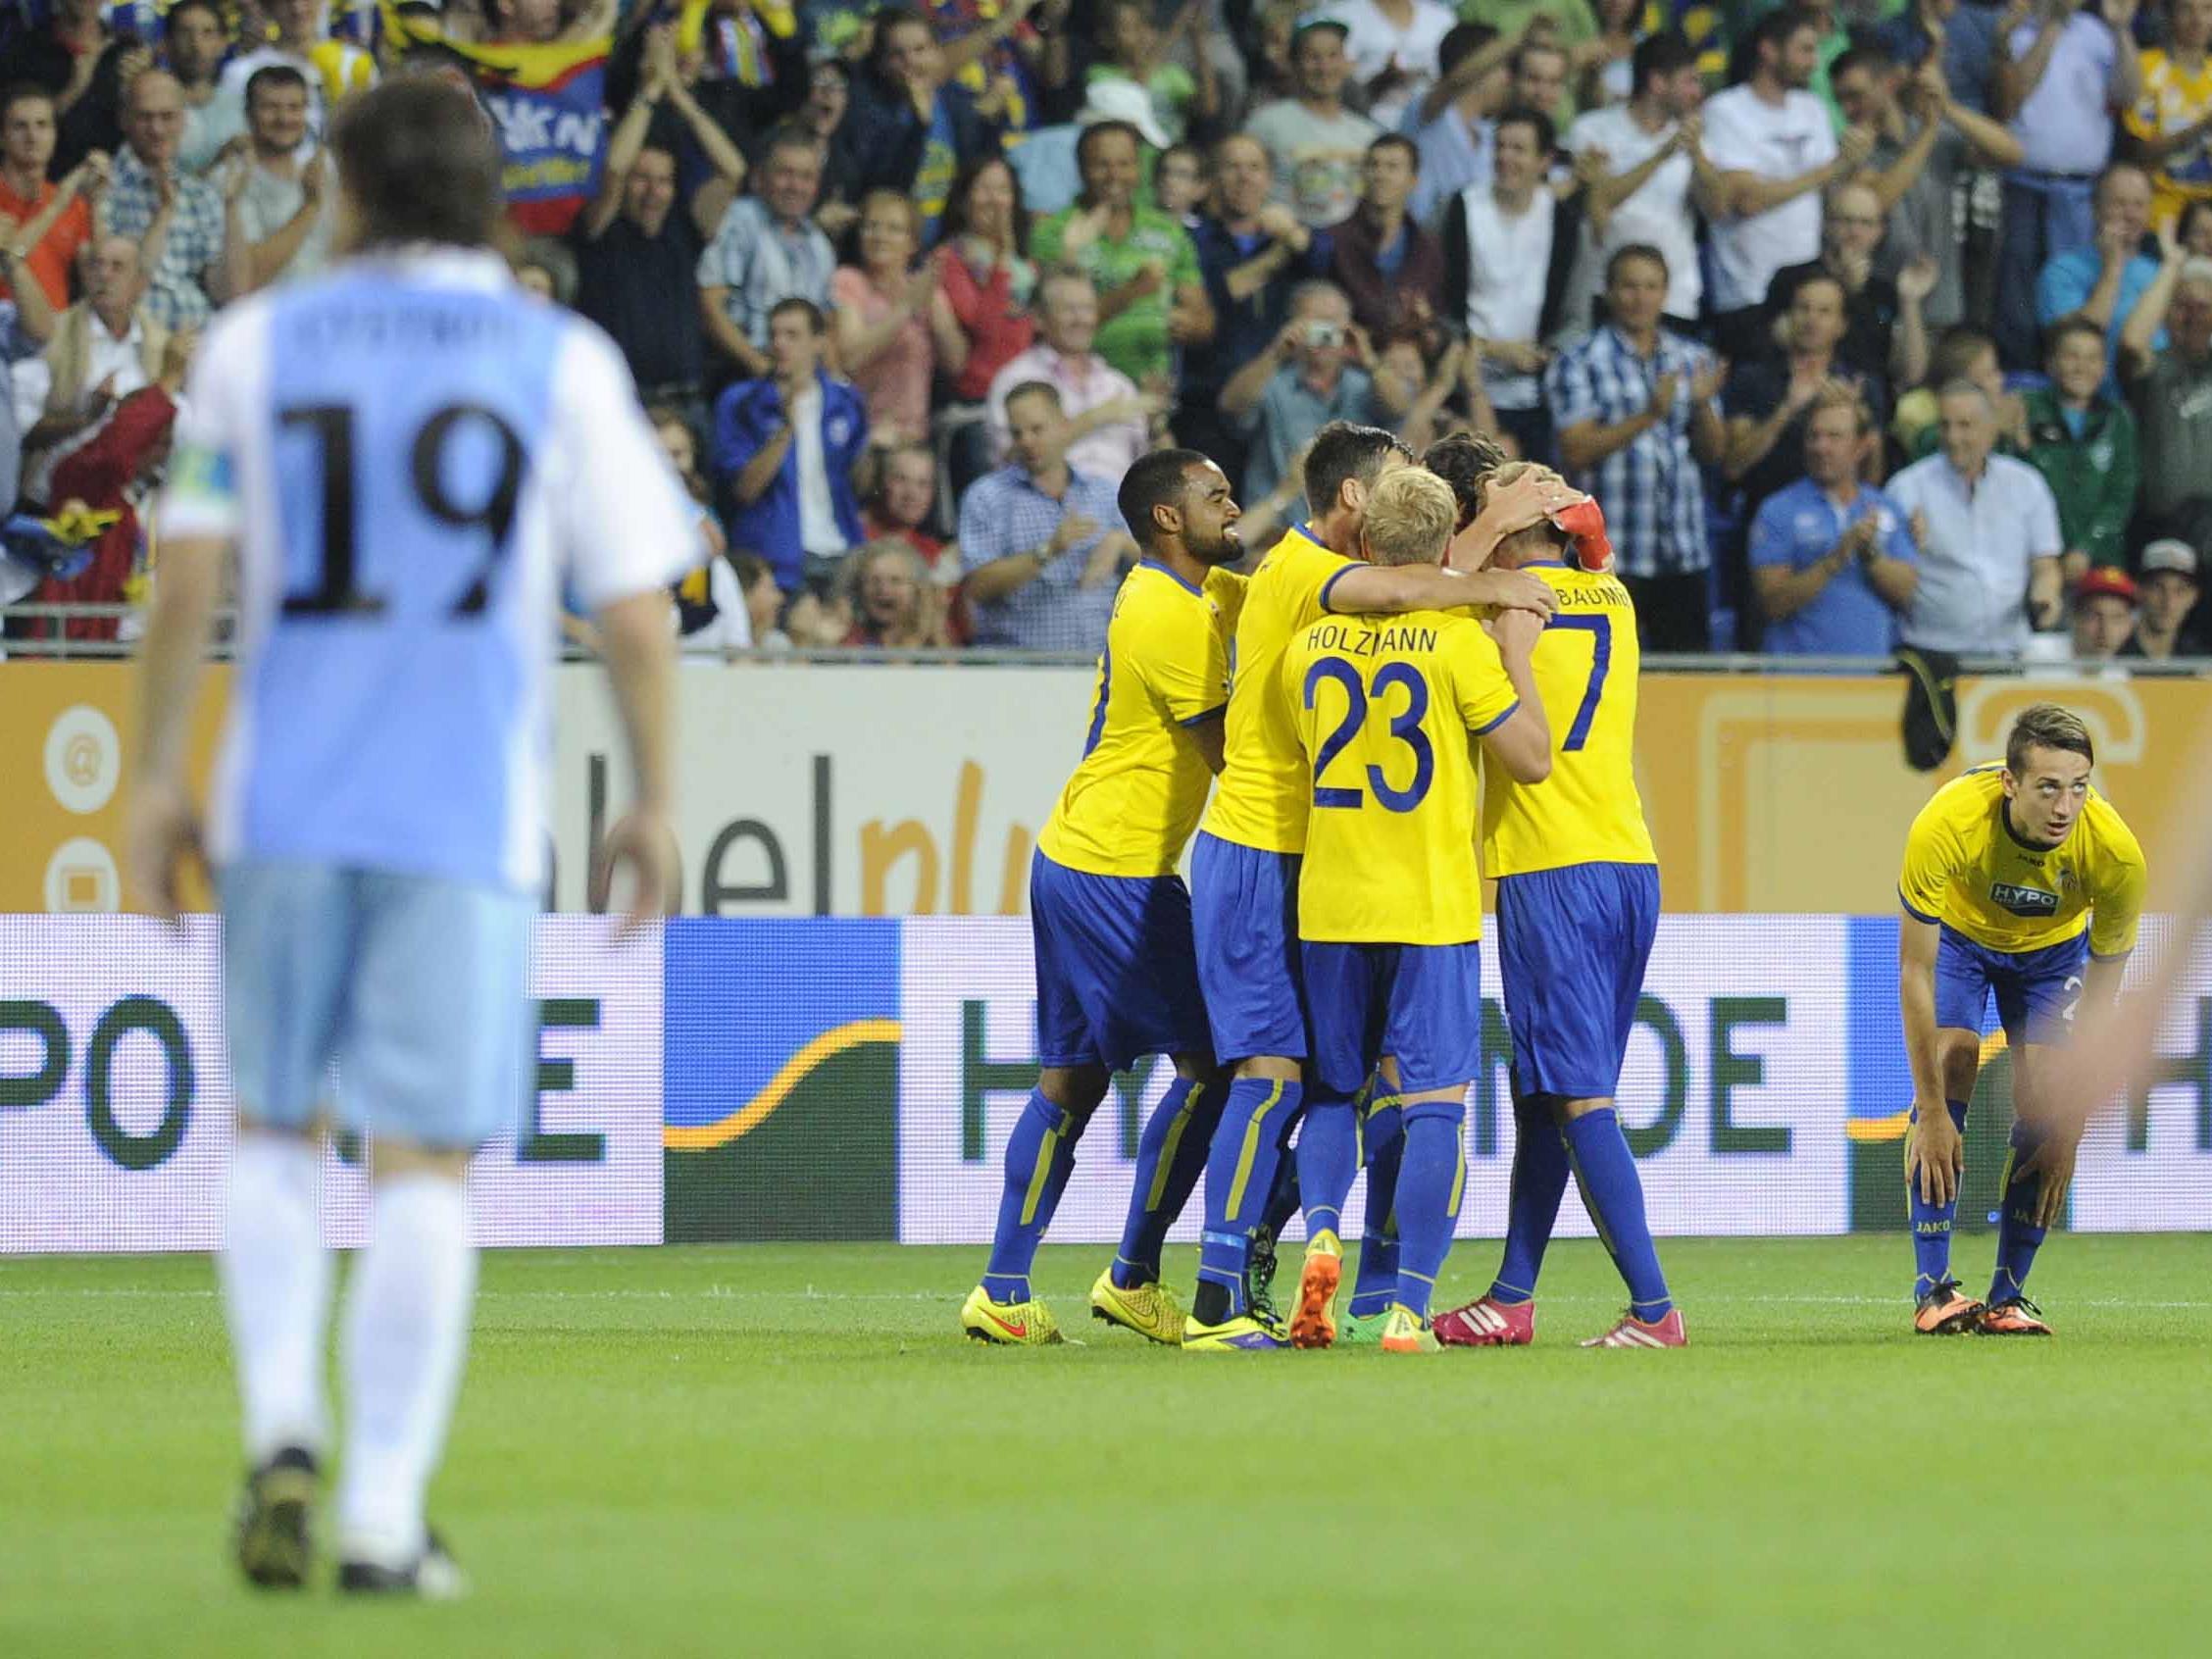 SKN St. Pölten schafft den Aufstieg in die dritte Runde der Europa League.